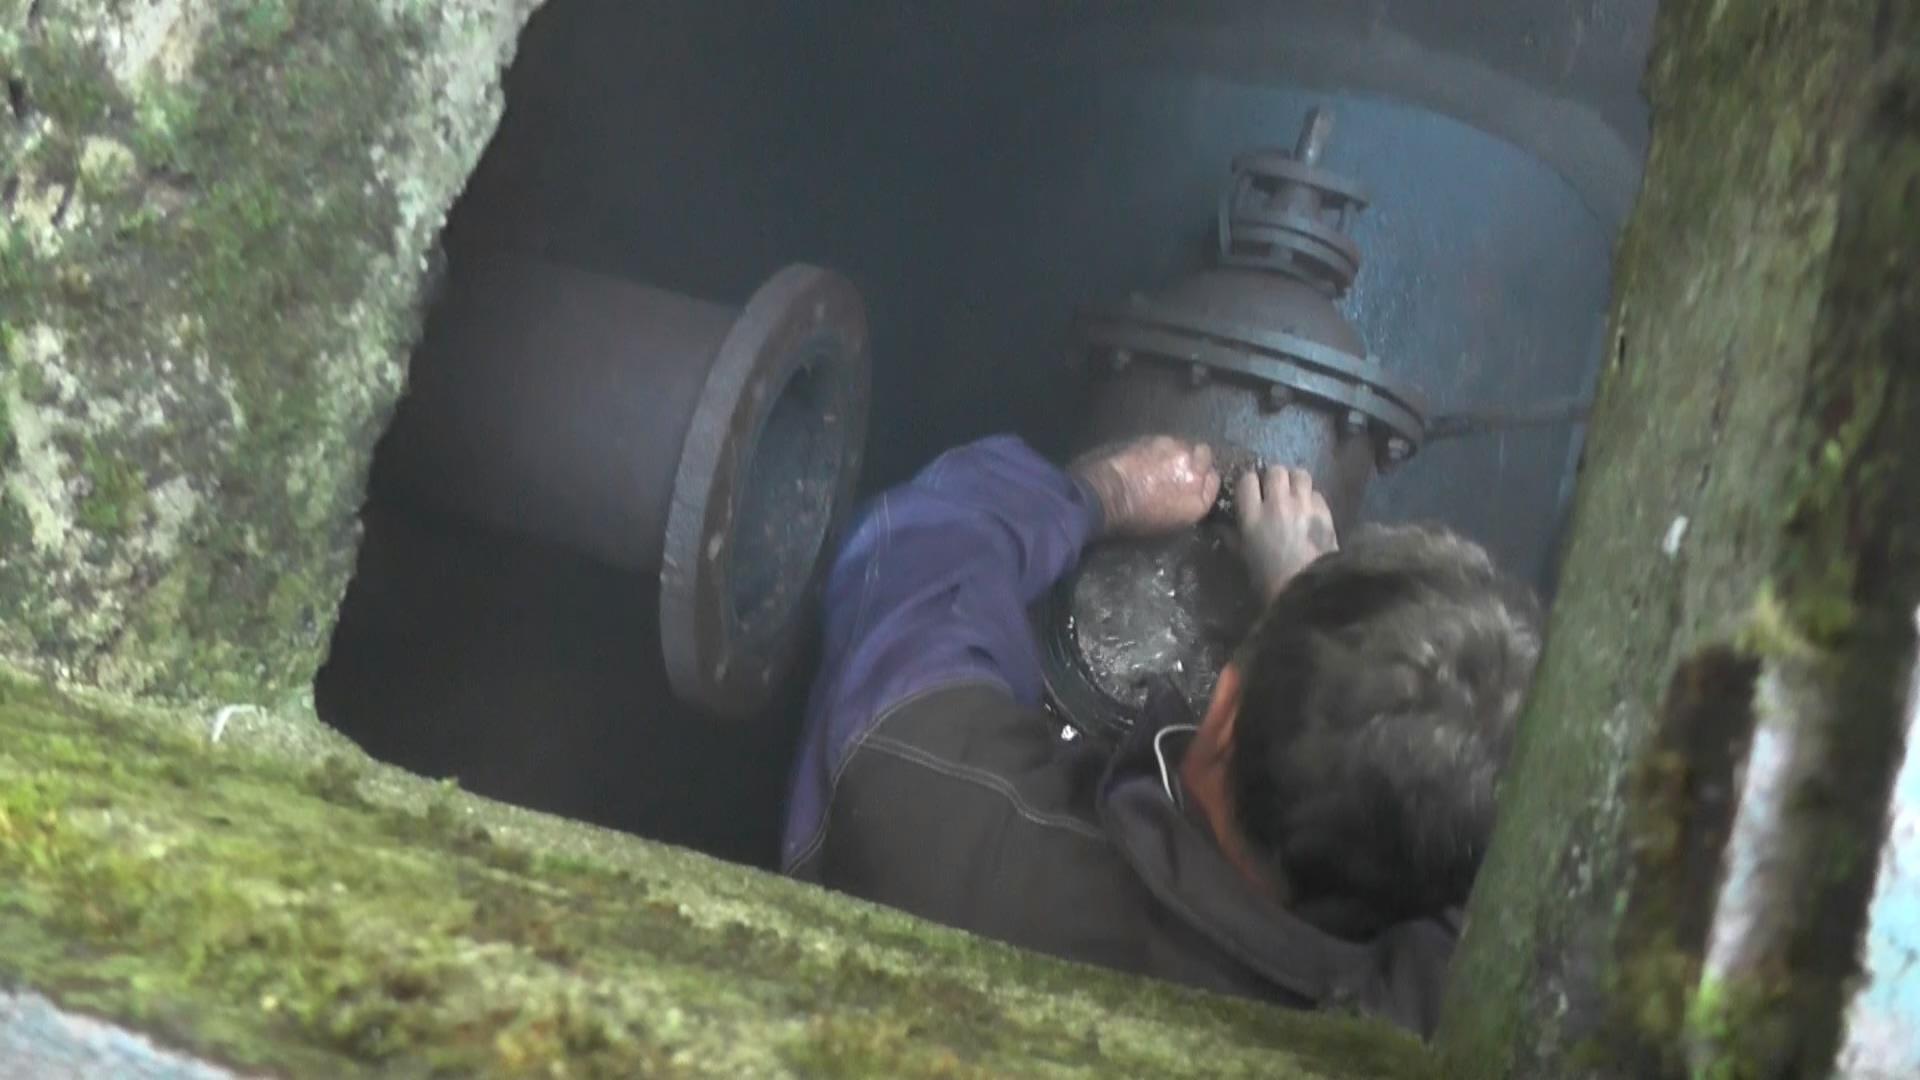 Otklonjen kvar na magistralnom cevovovodu u Lipovcu-tehnička voda za sanitarne potrebe i kuvanje hrane